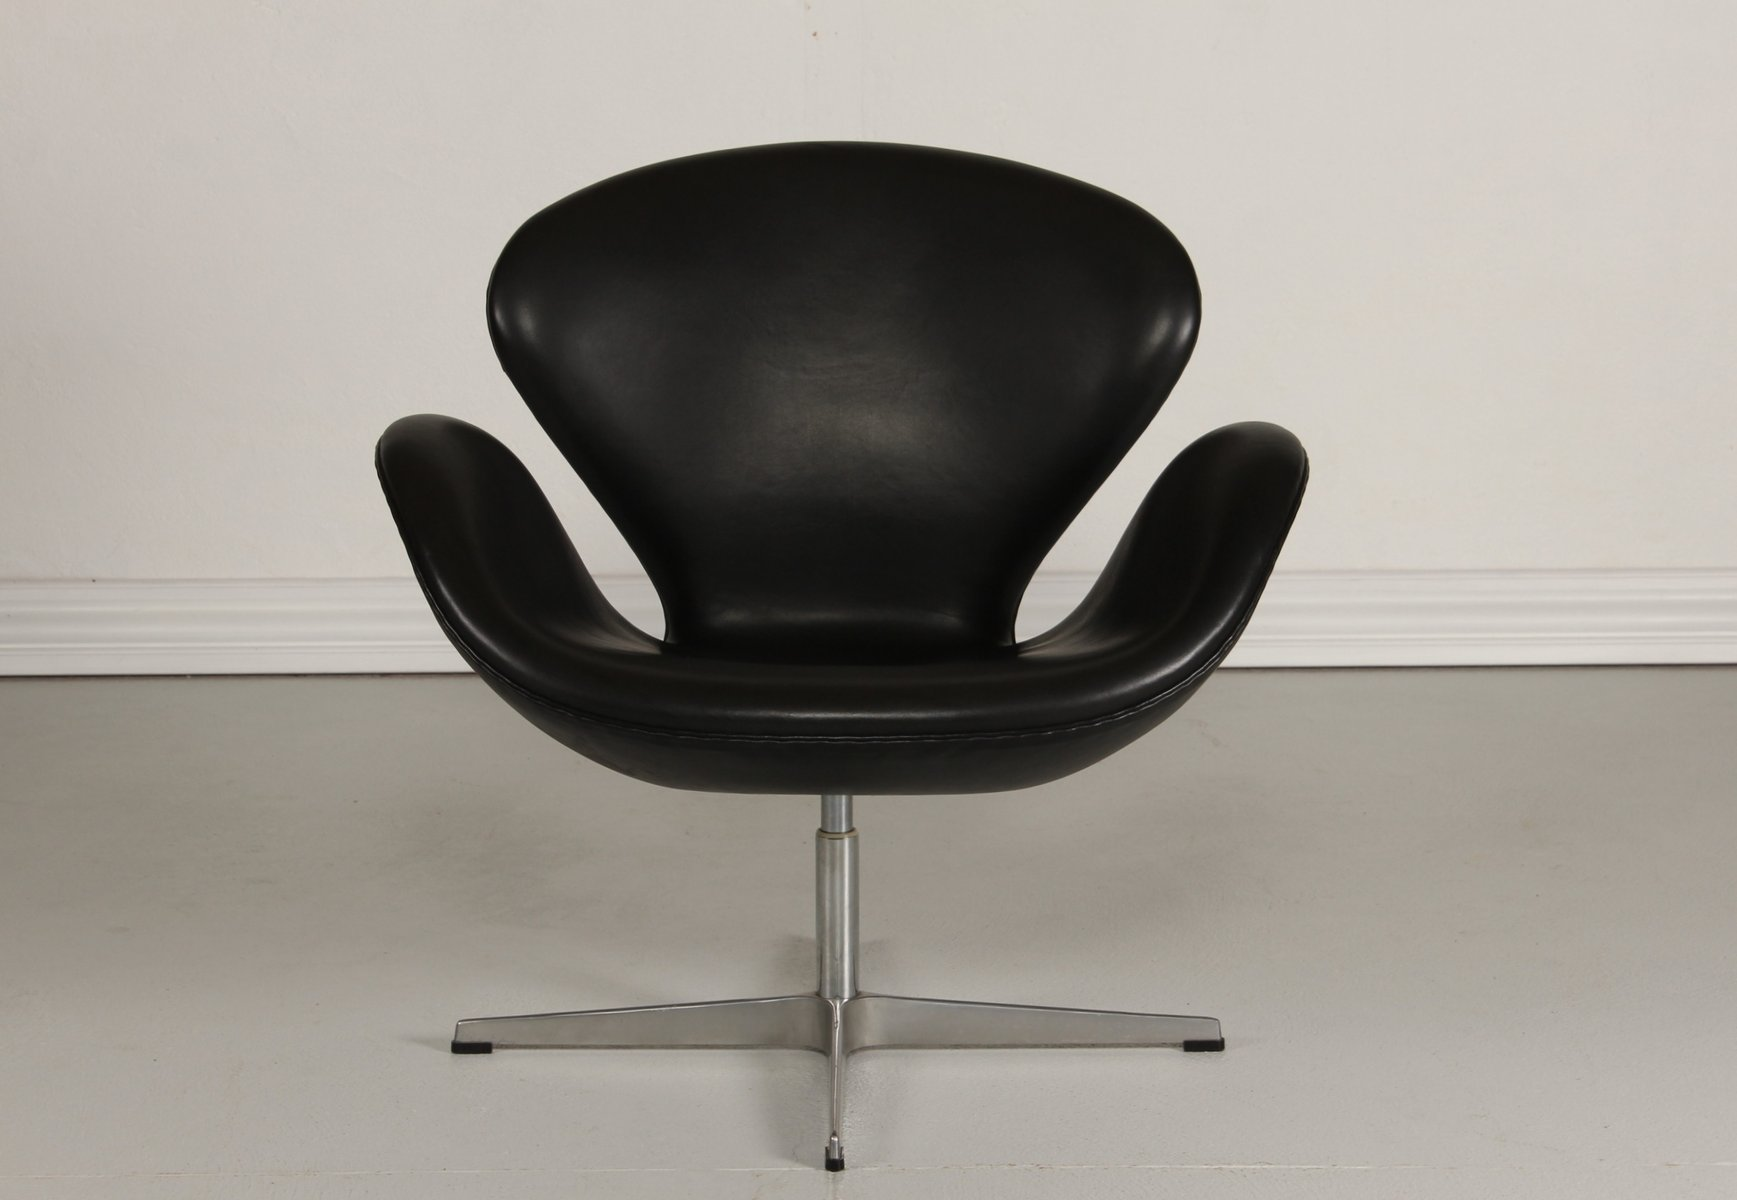 arne jacobsen swan chair tubular steel leather black by for fritz hansen 1981